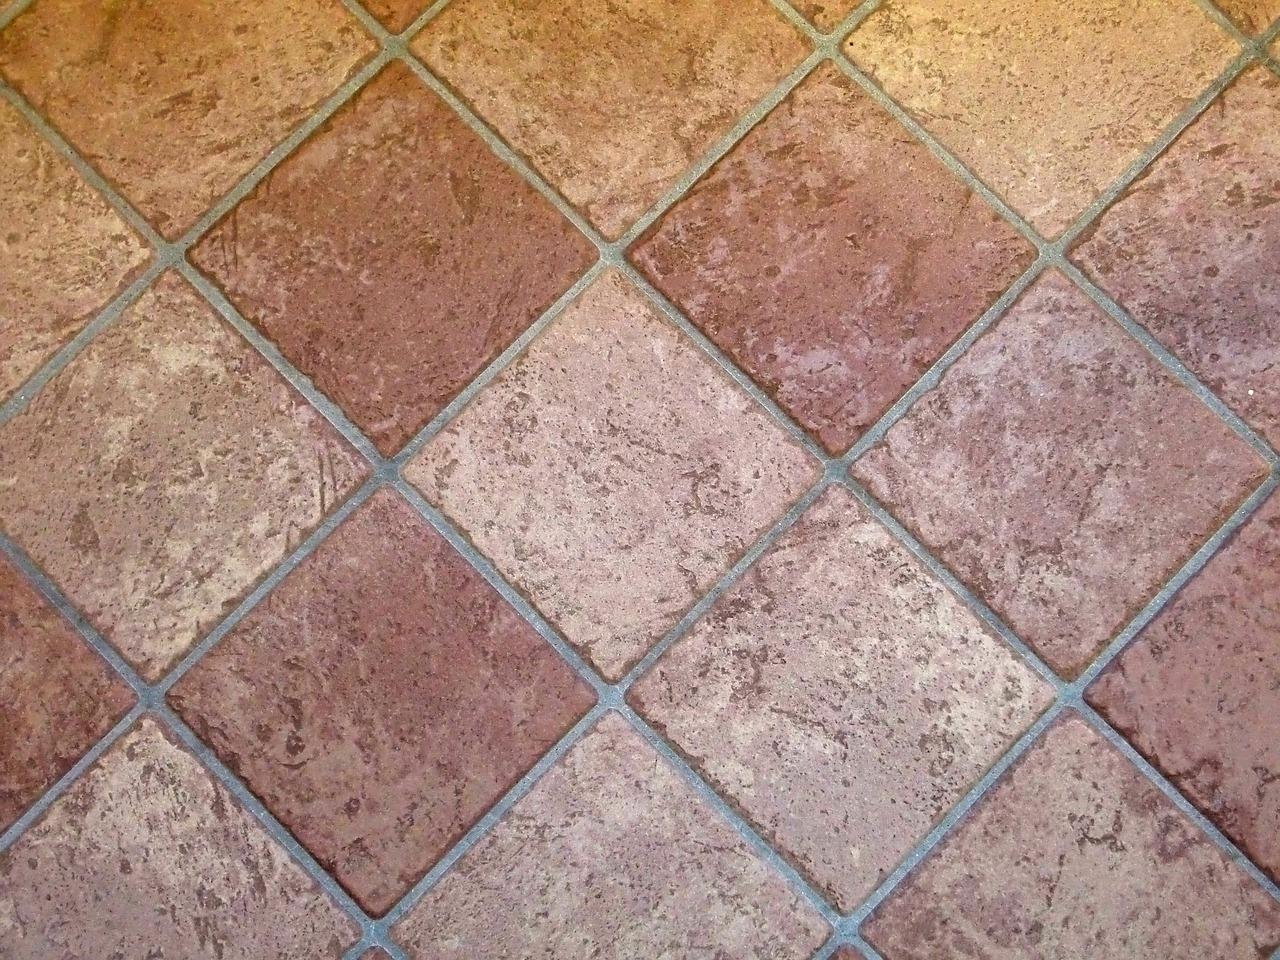 Removing tile floors